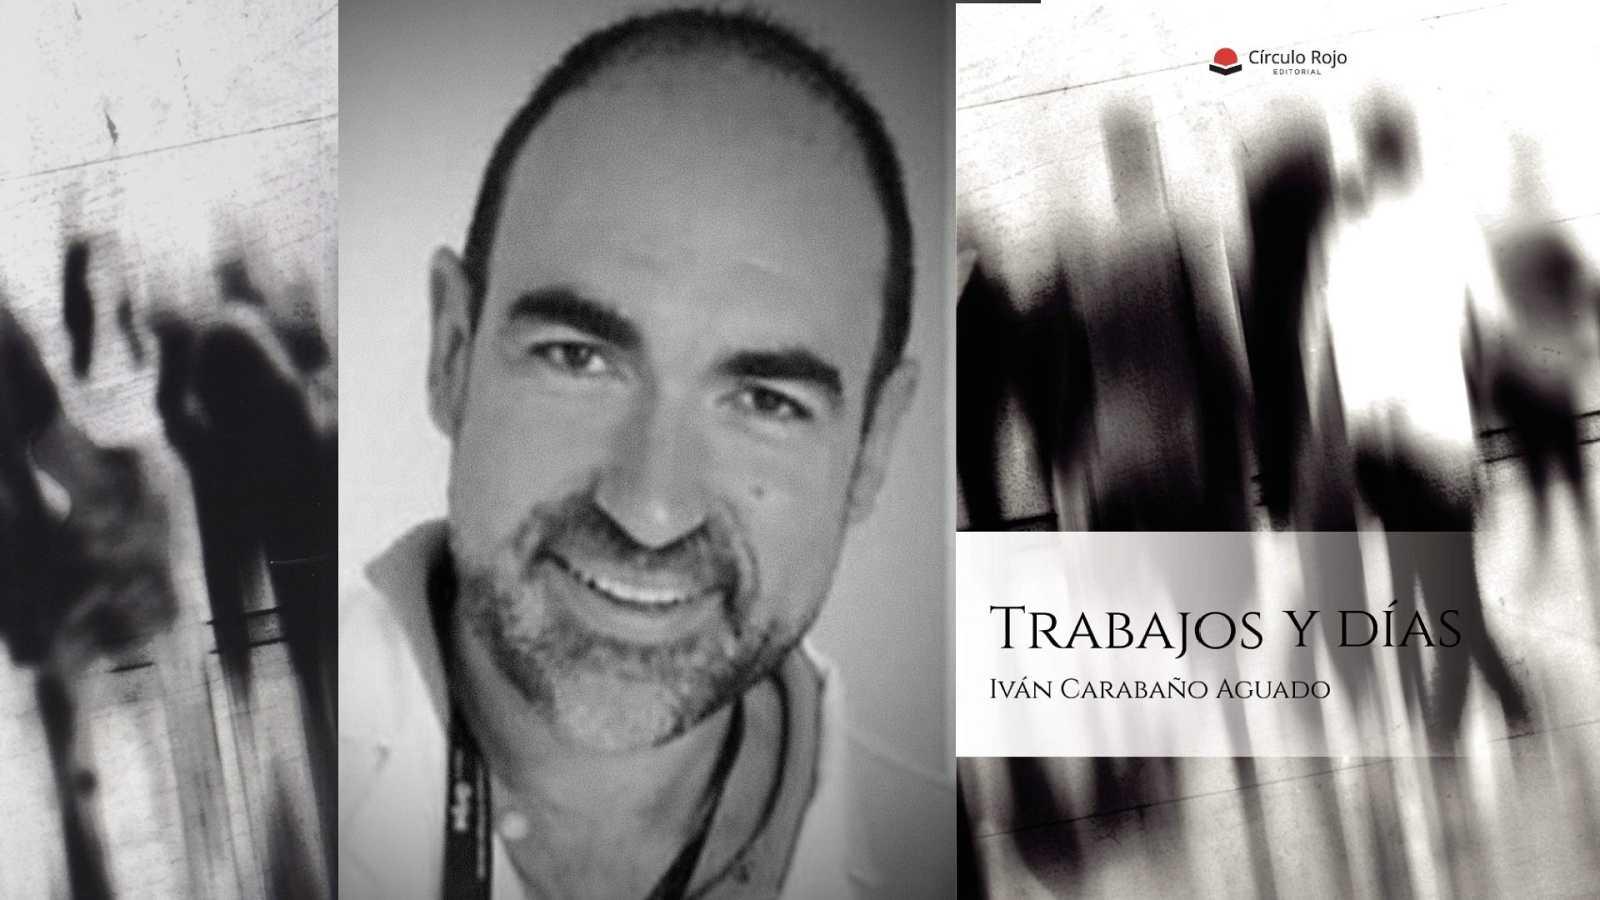 La LiBéLuLa -  Trabajos y días (Iván Carabaño, ed. Círculo Rojo) - 07/05/21 - escuchar ahora